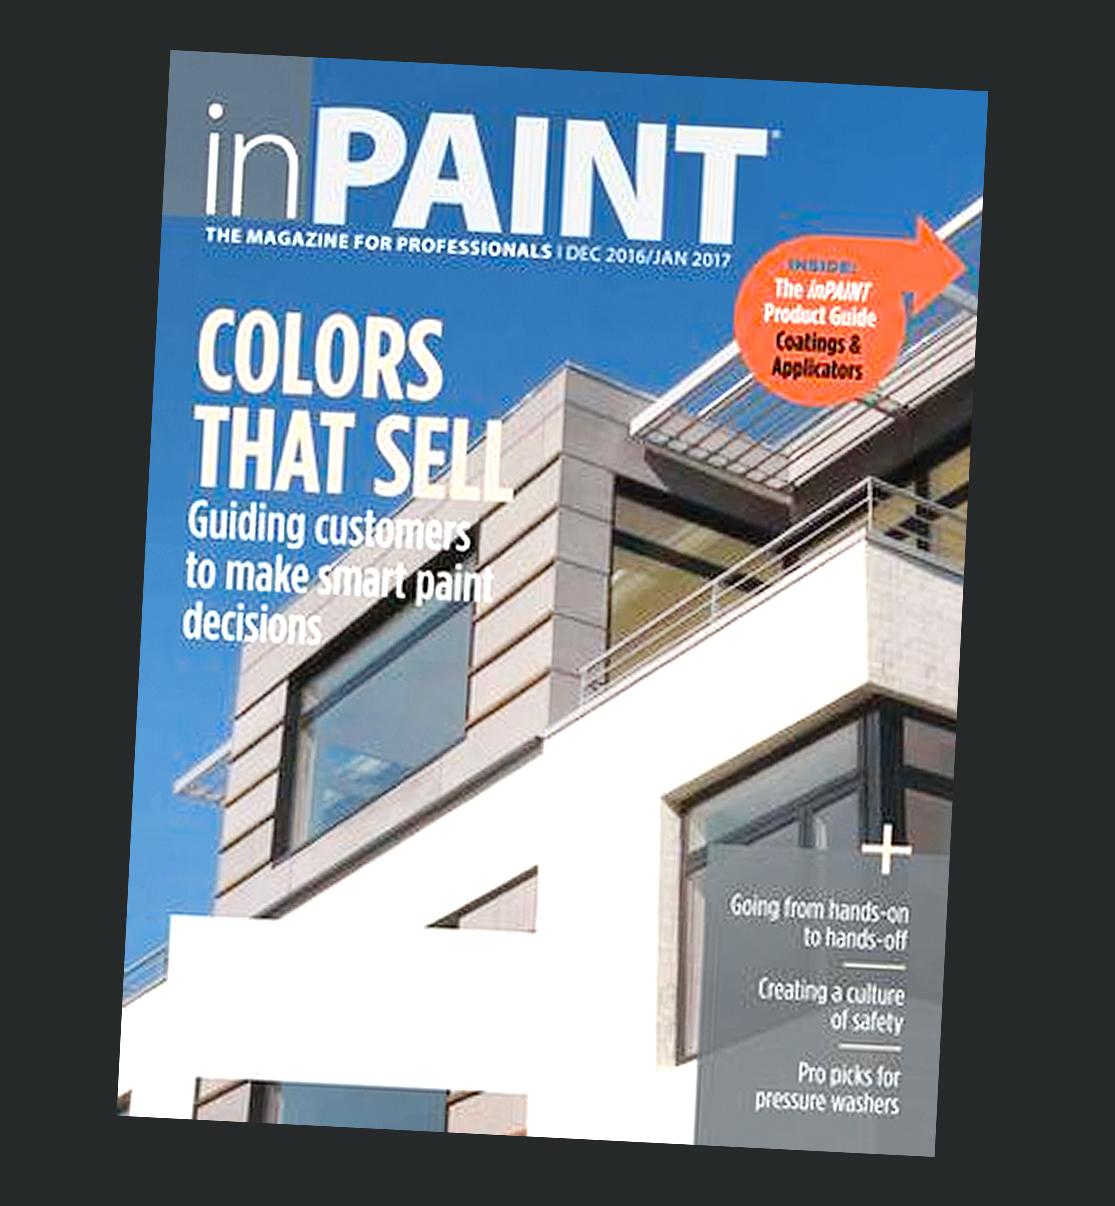 Color zen magazine - Inpaint